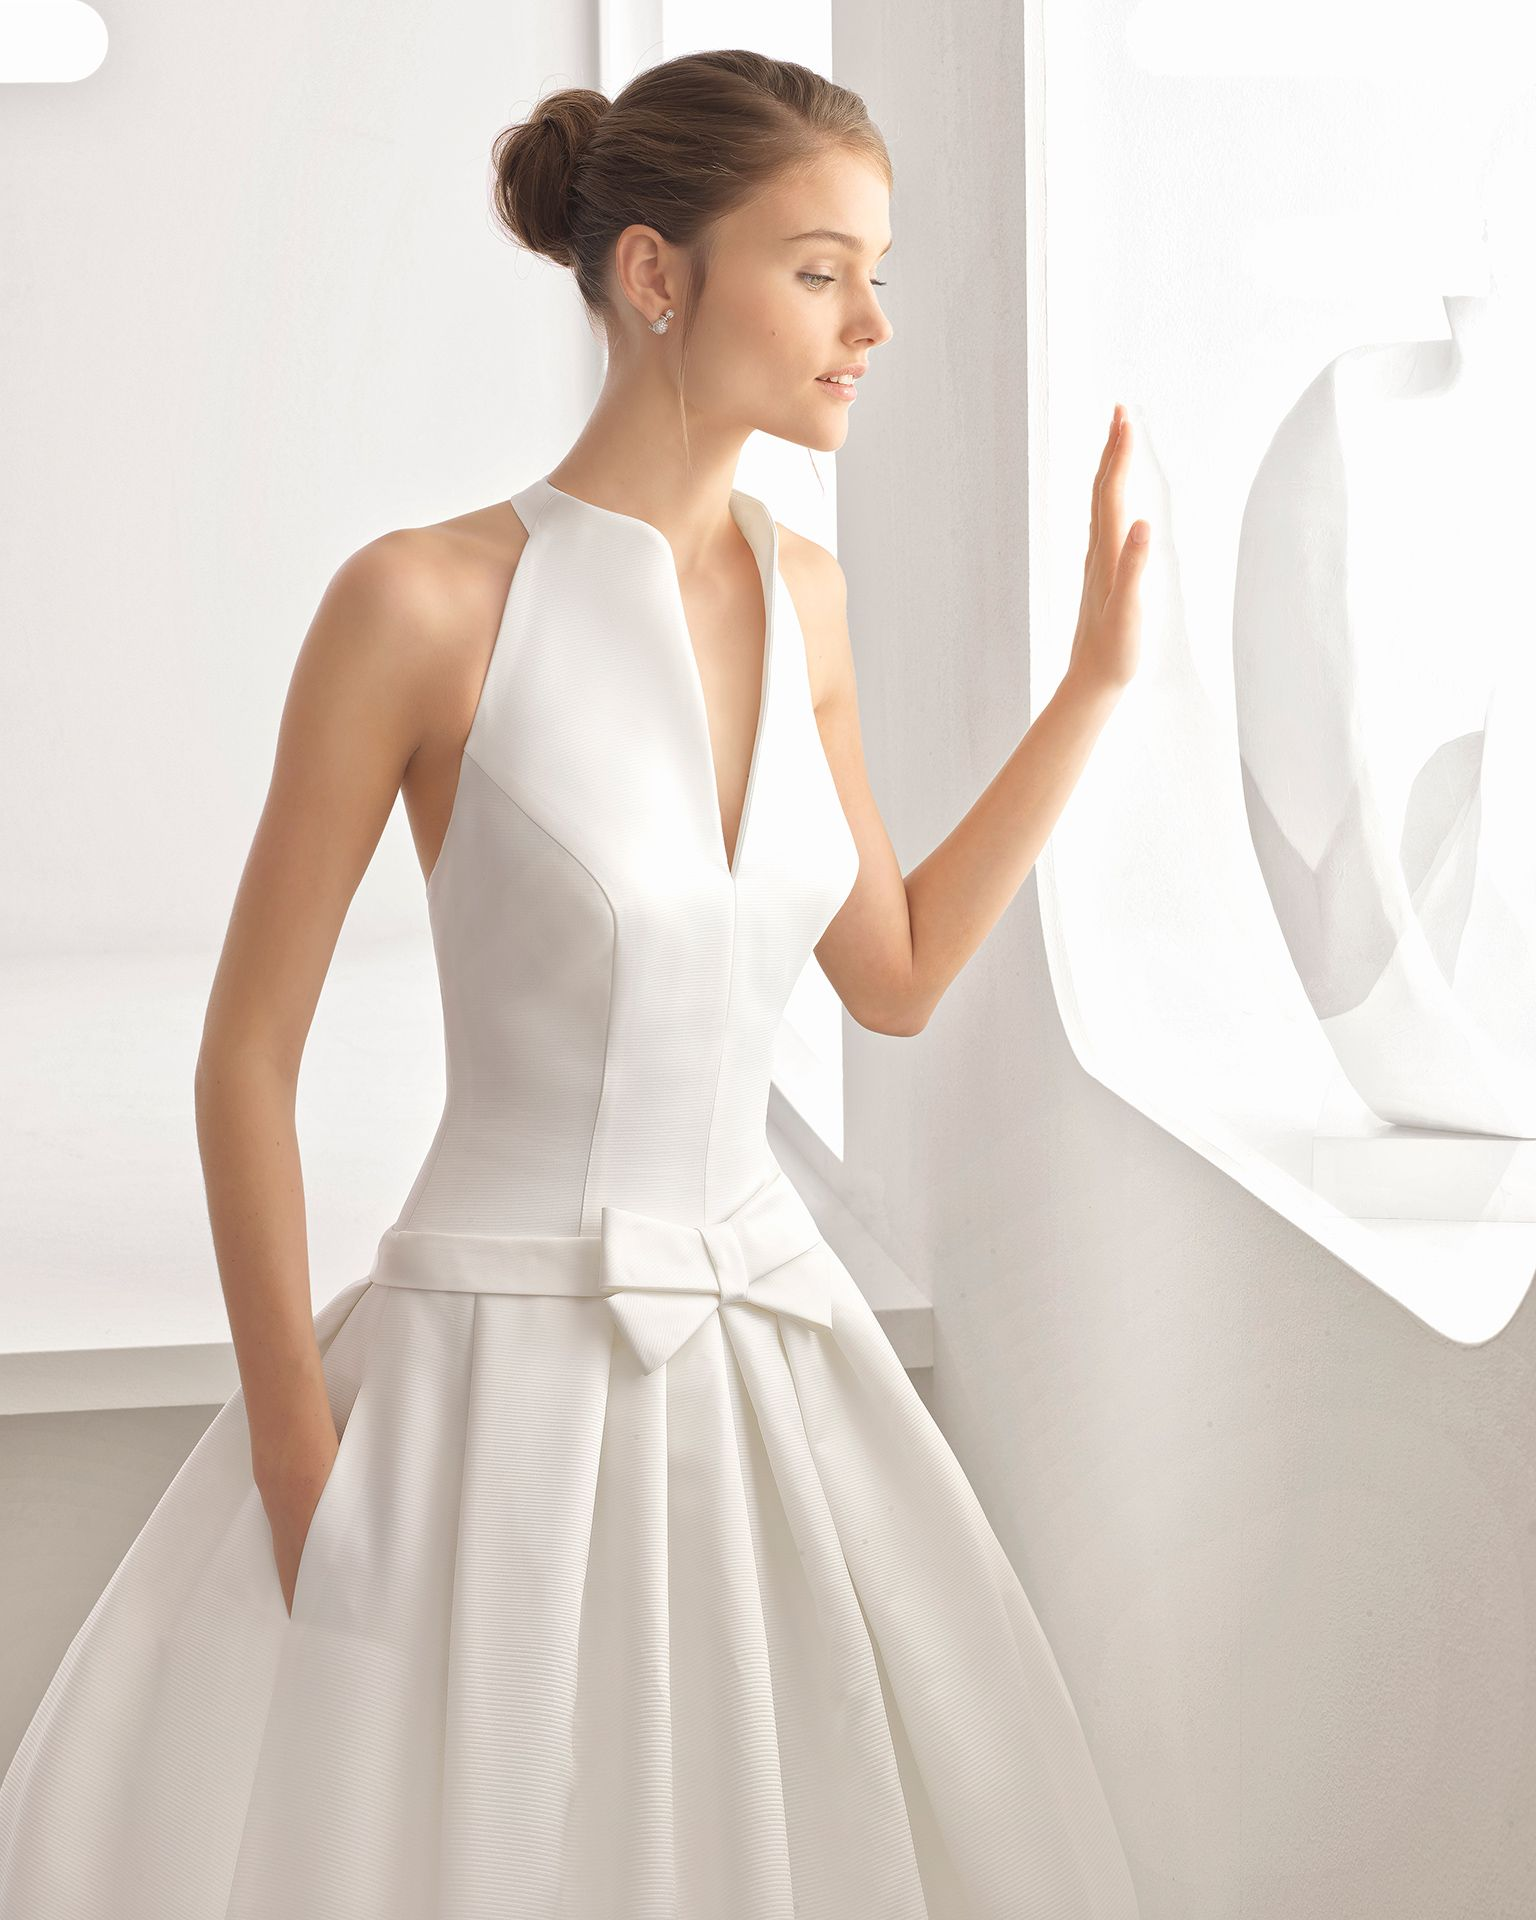 cd9e90f76 Vestido de novia estilo clásico en ottoman con escote camisero. Colección  2018 Rosa Clará.